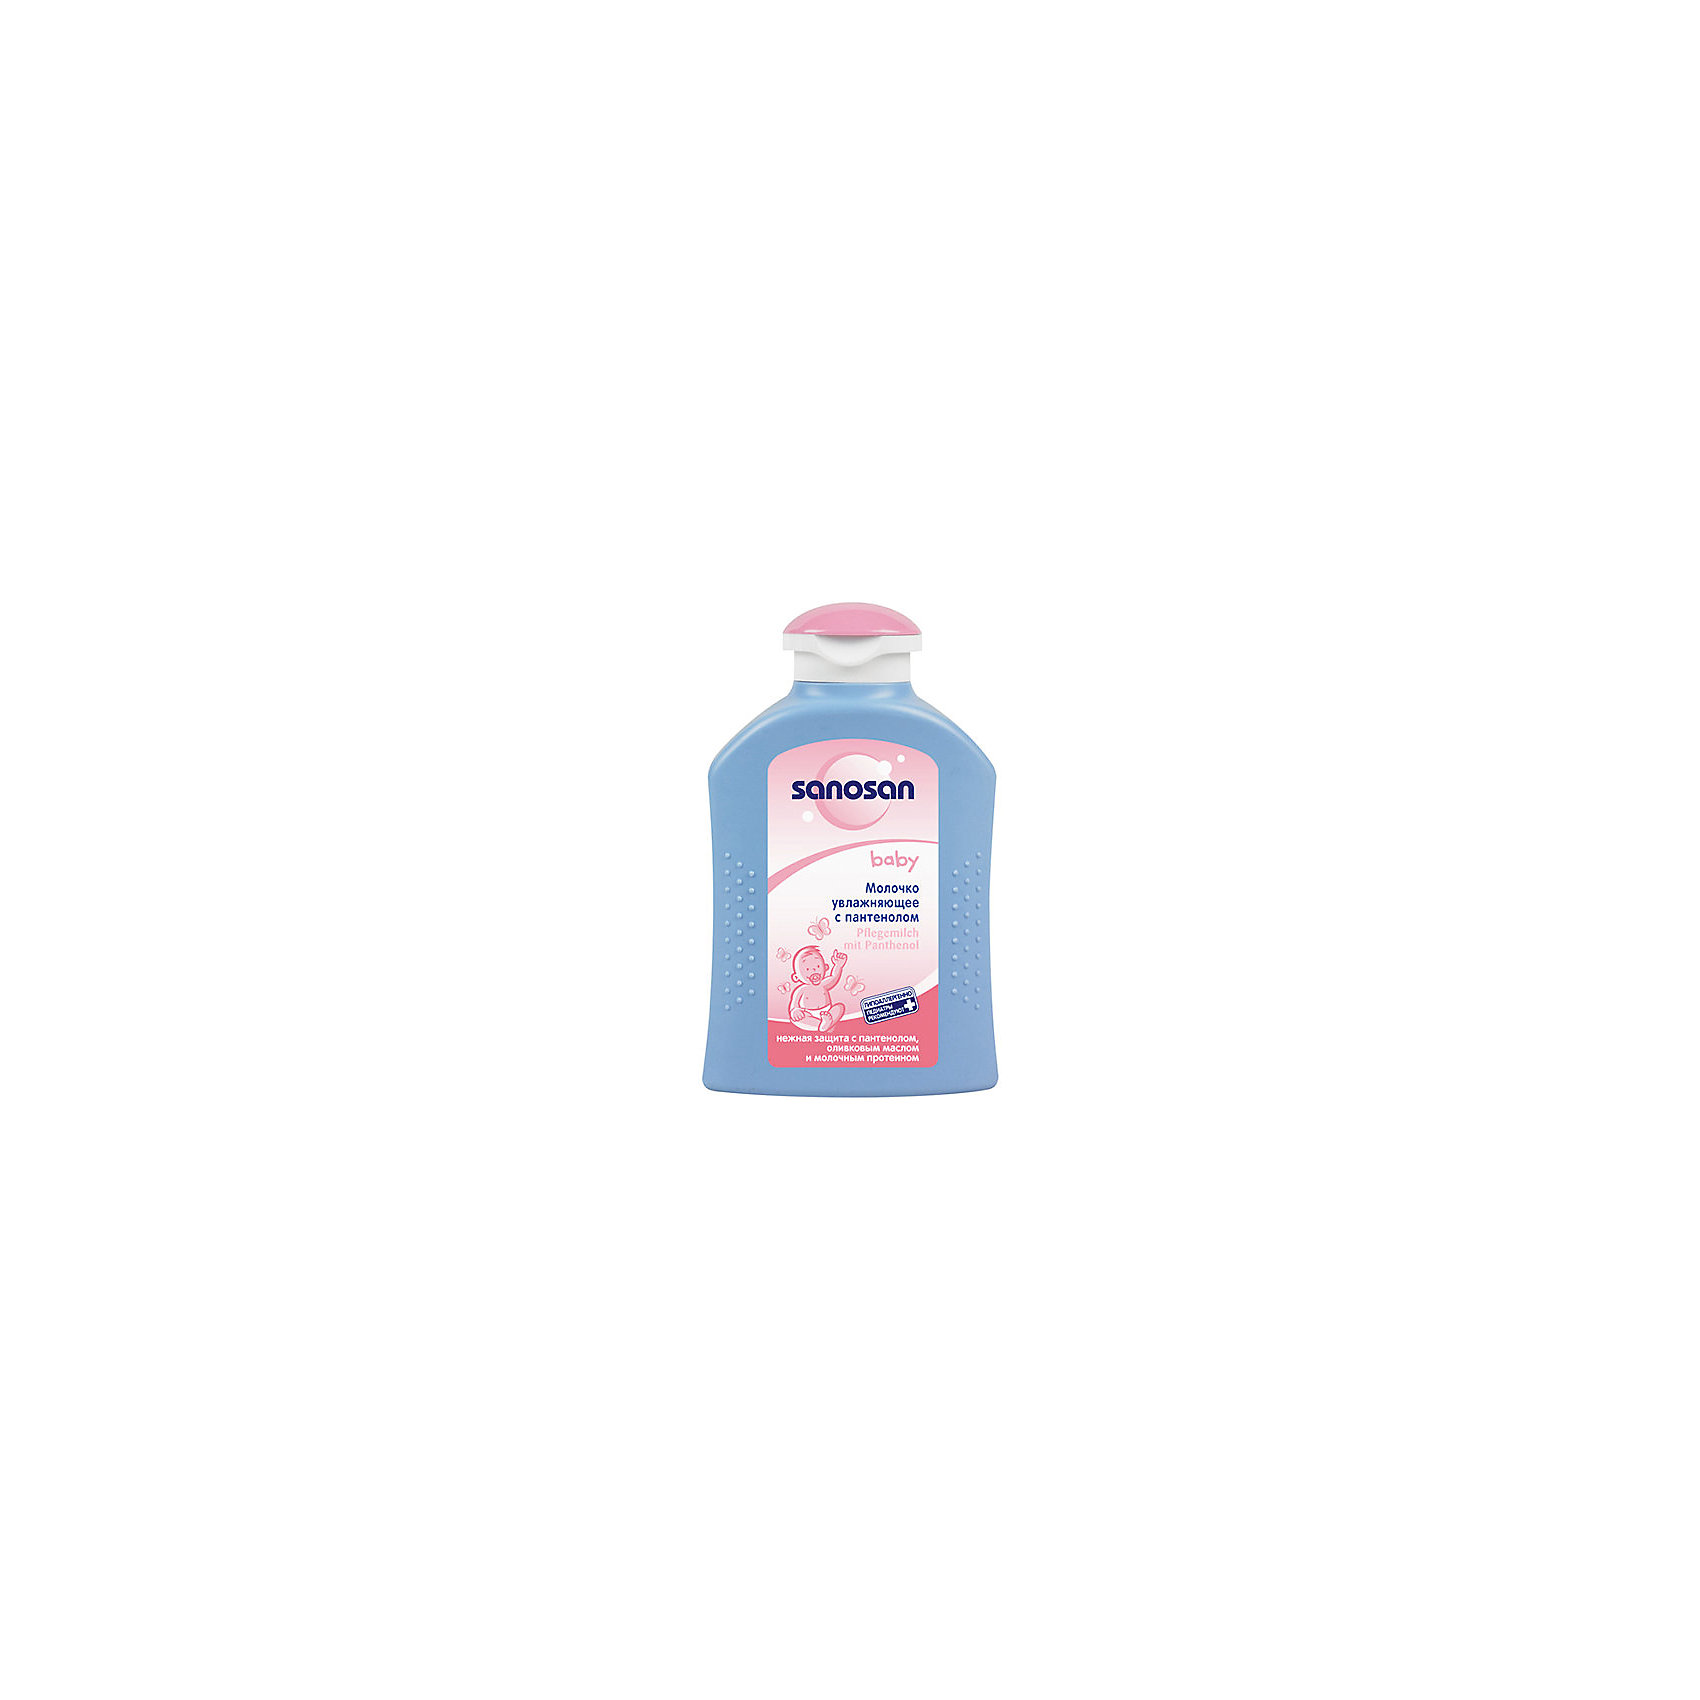 Молочко увлажняющее с пантенолом, Sanosan, 200 мл